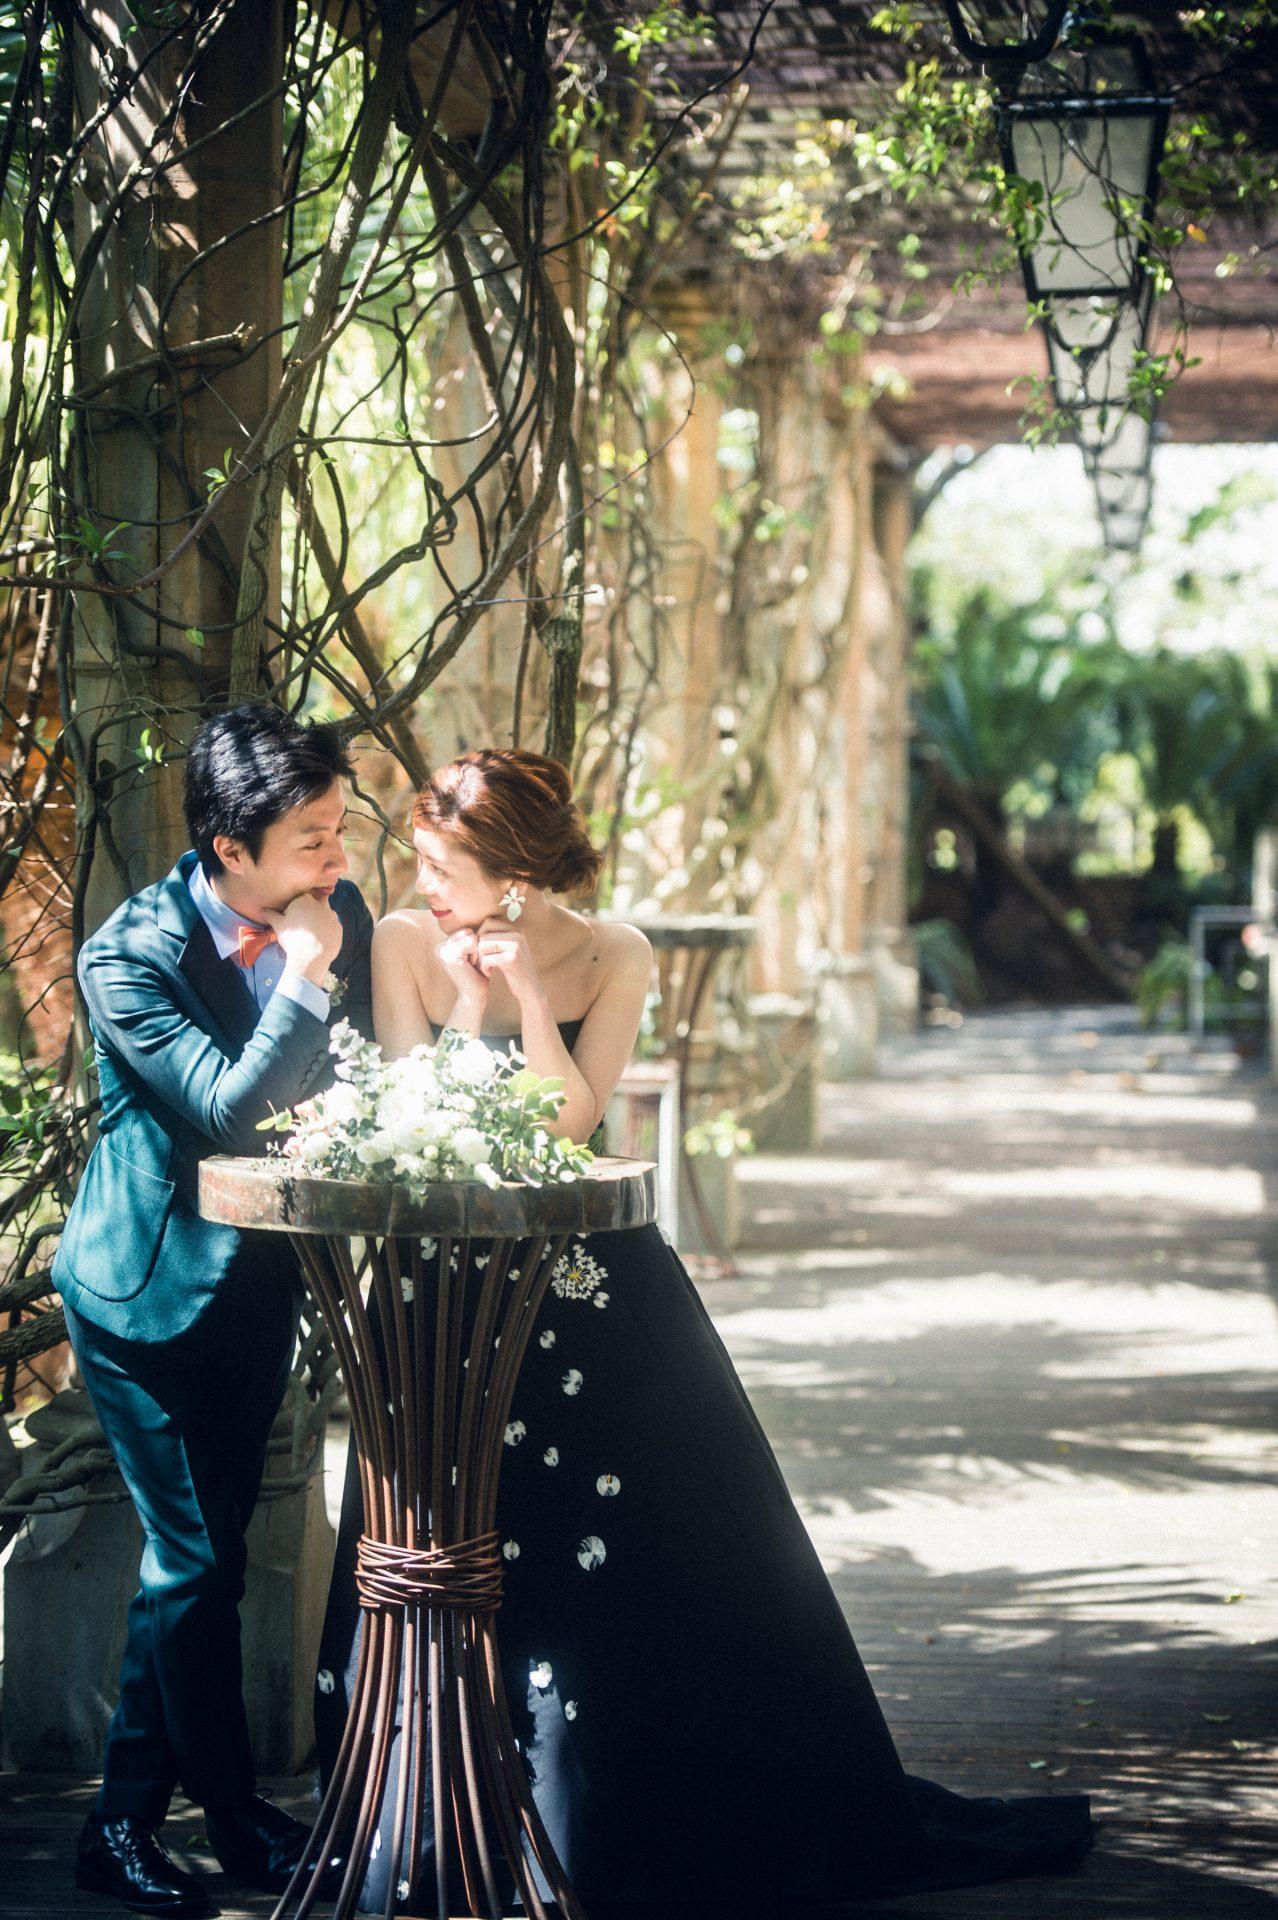 ザ・ルイガンズの前撮りはグリーンに包まれた最高のロケーションで、ザ・トリート・ドレッシングで新規のレンタルカラードレスとぴったり